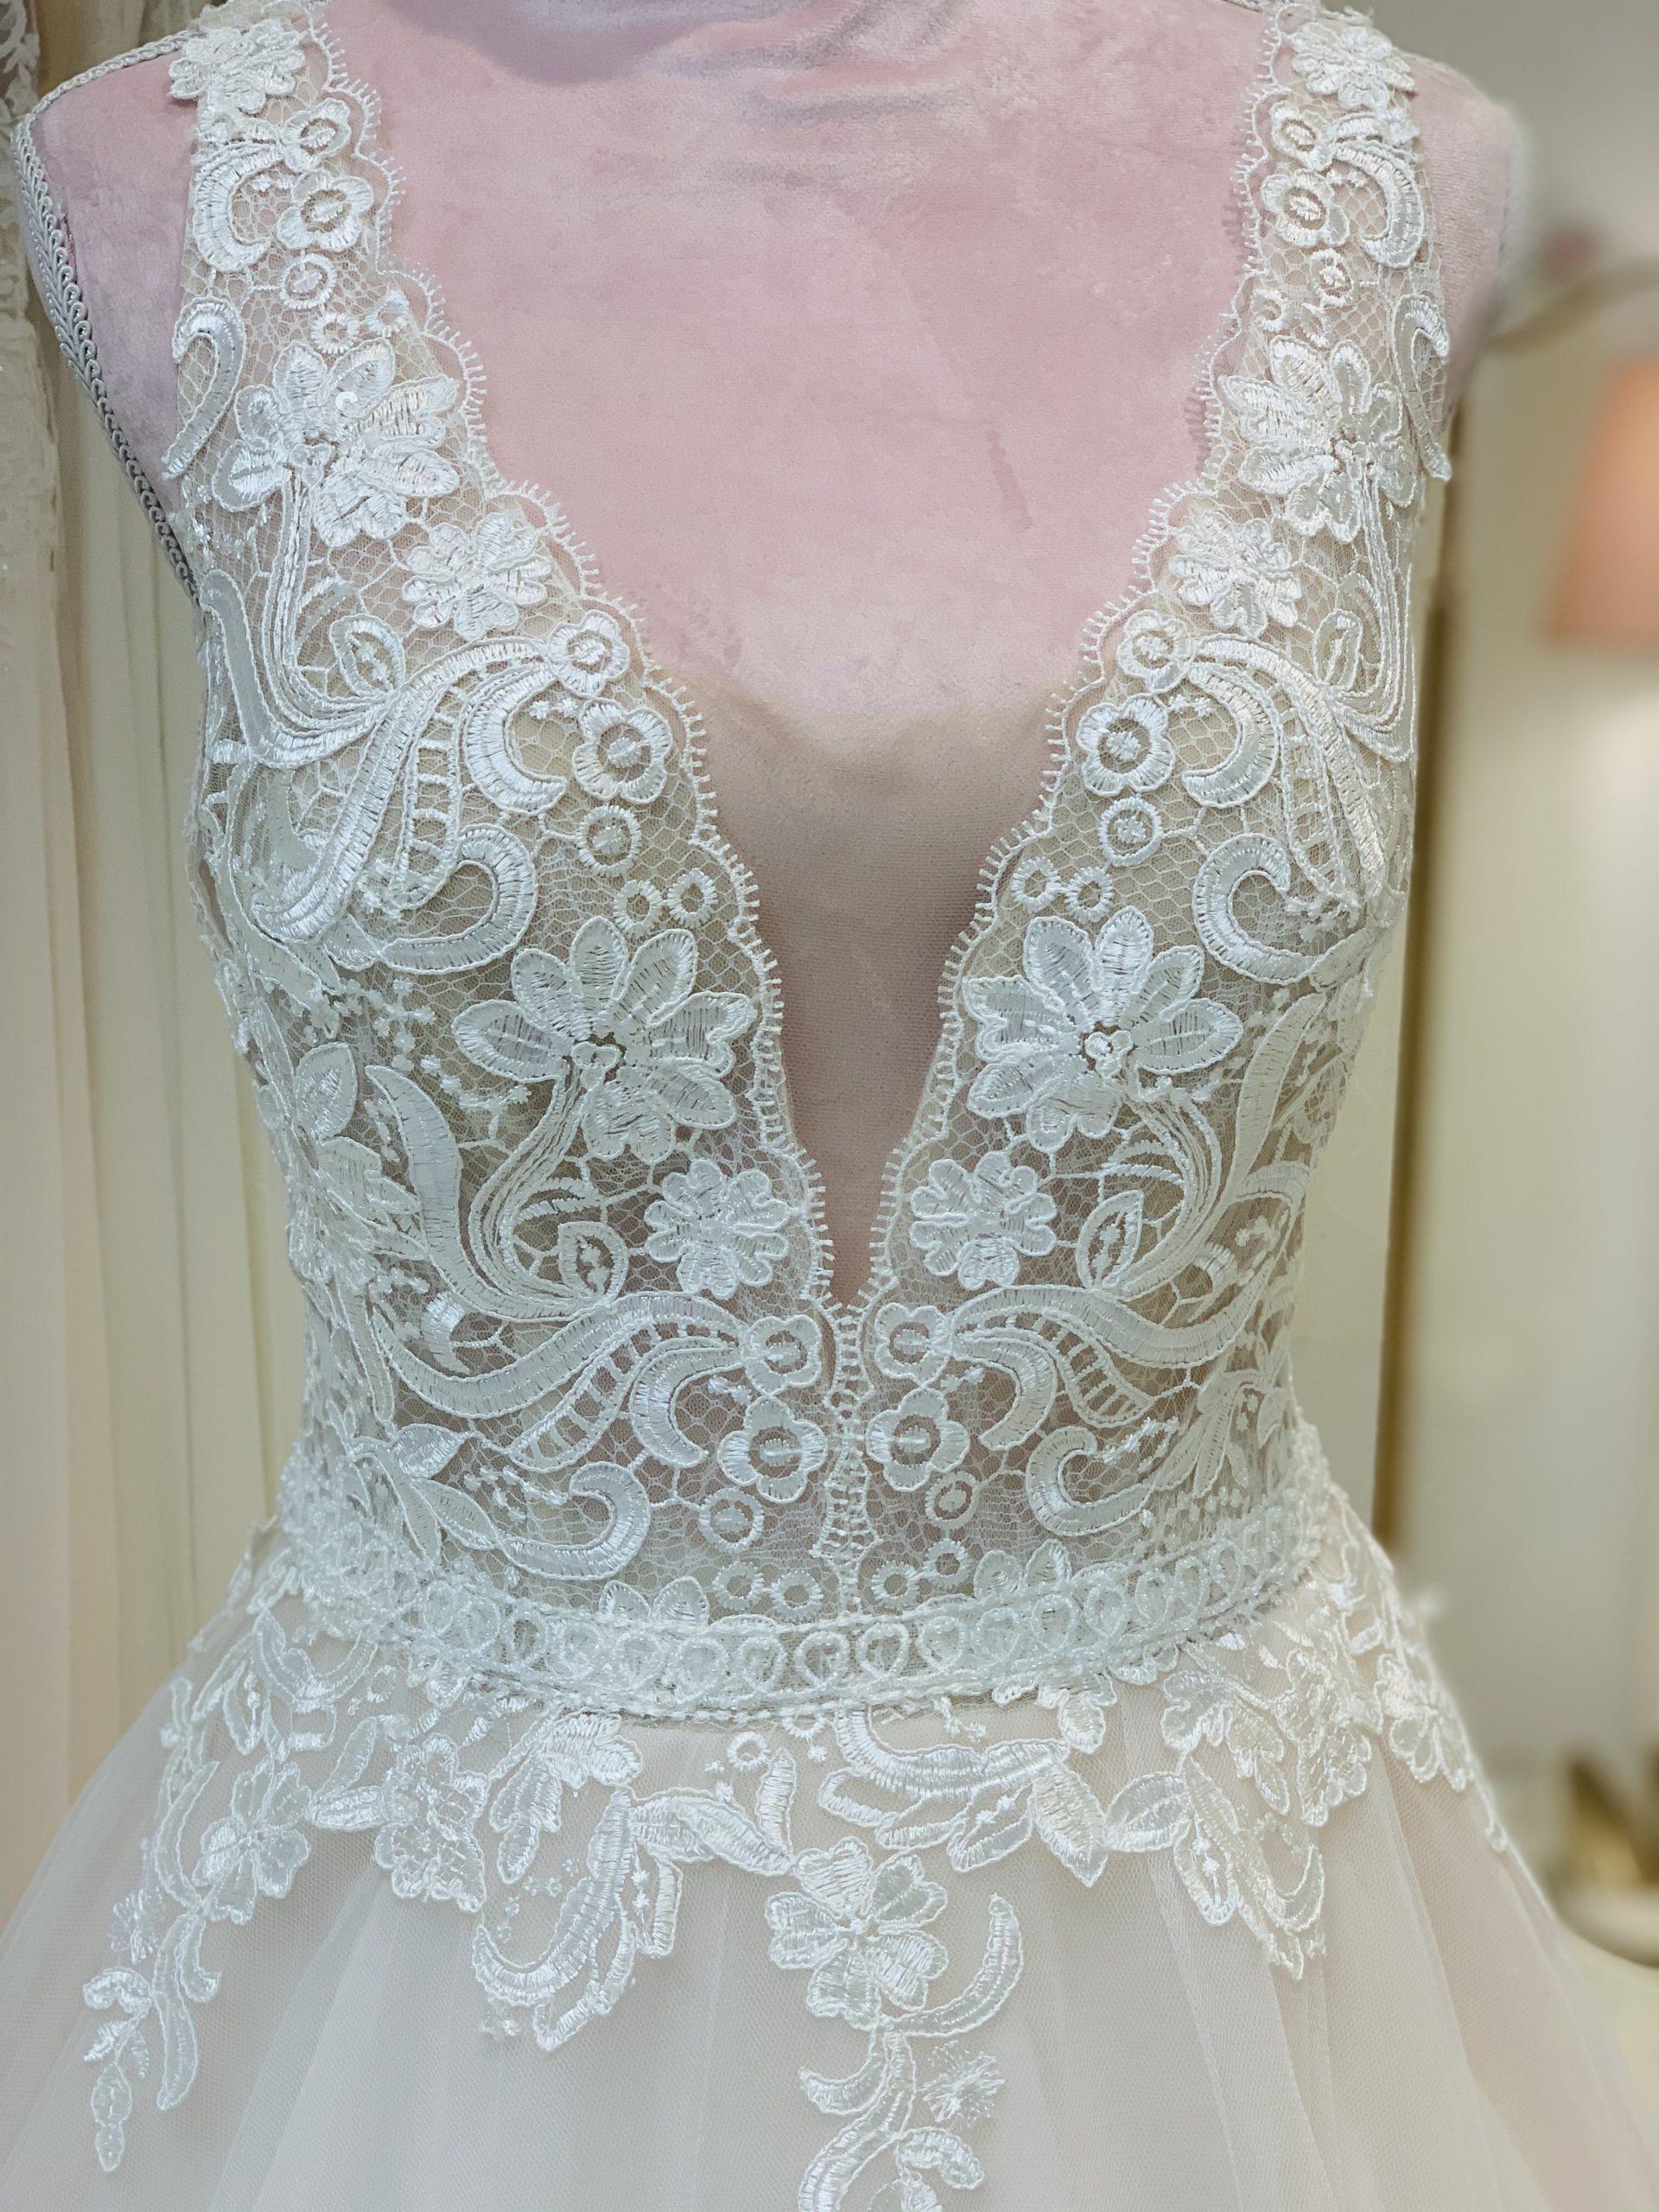 Brautkleid 2 - Oberteil